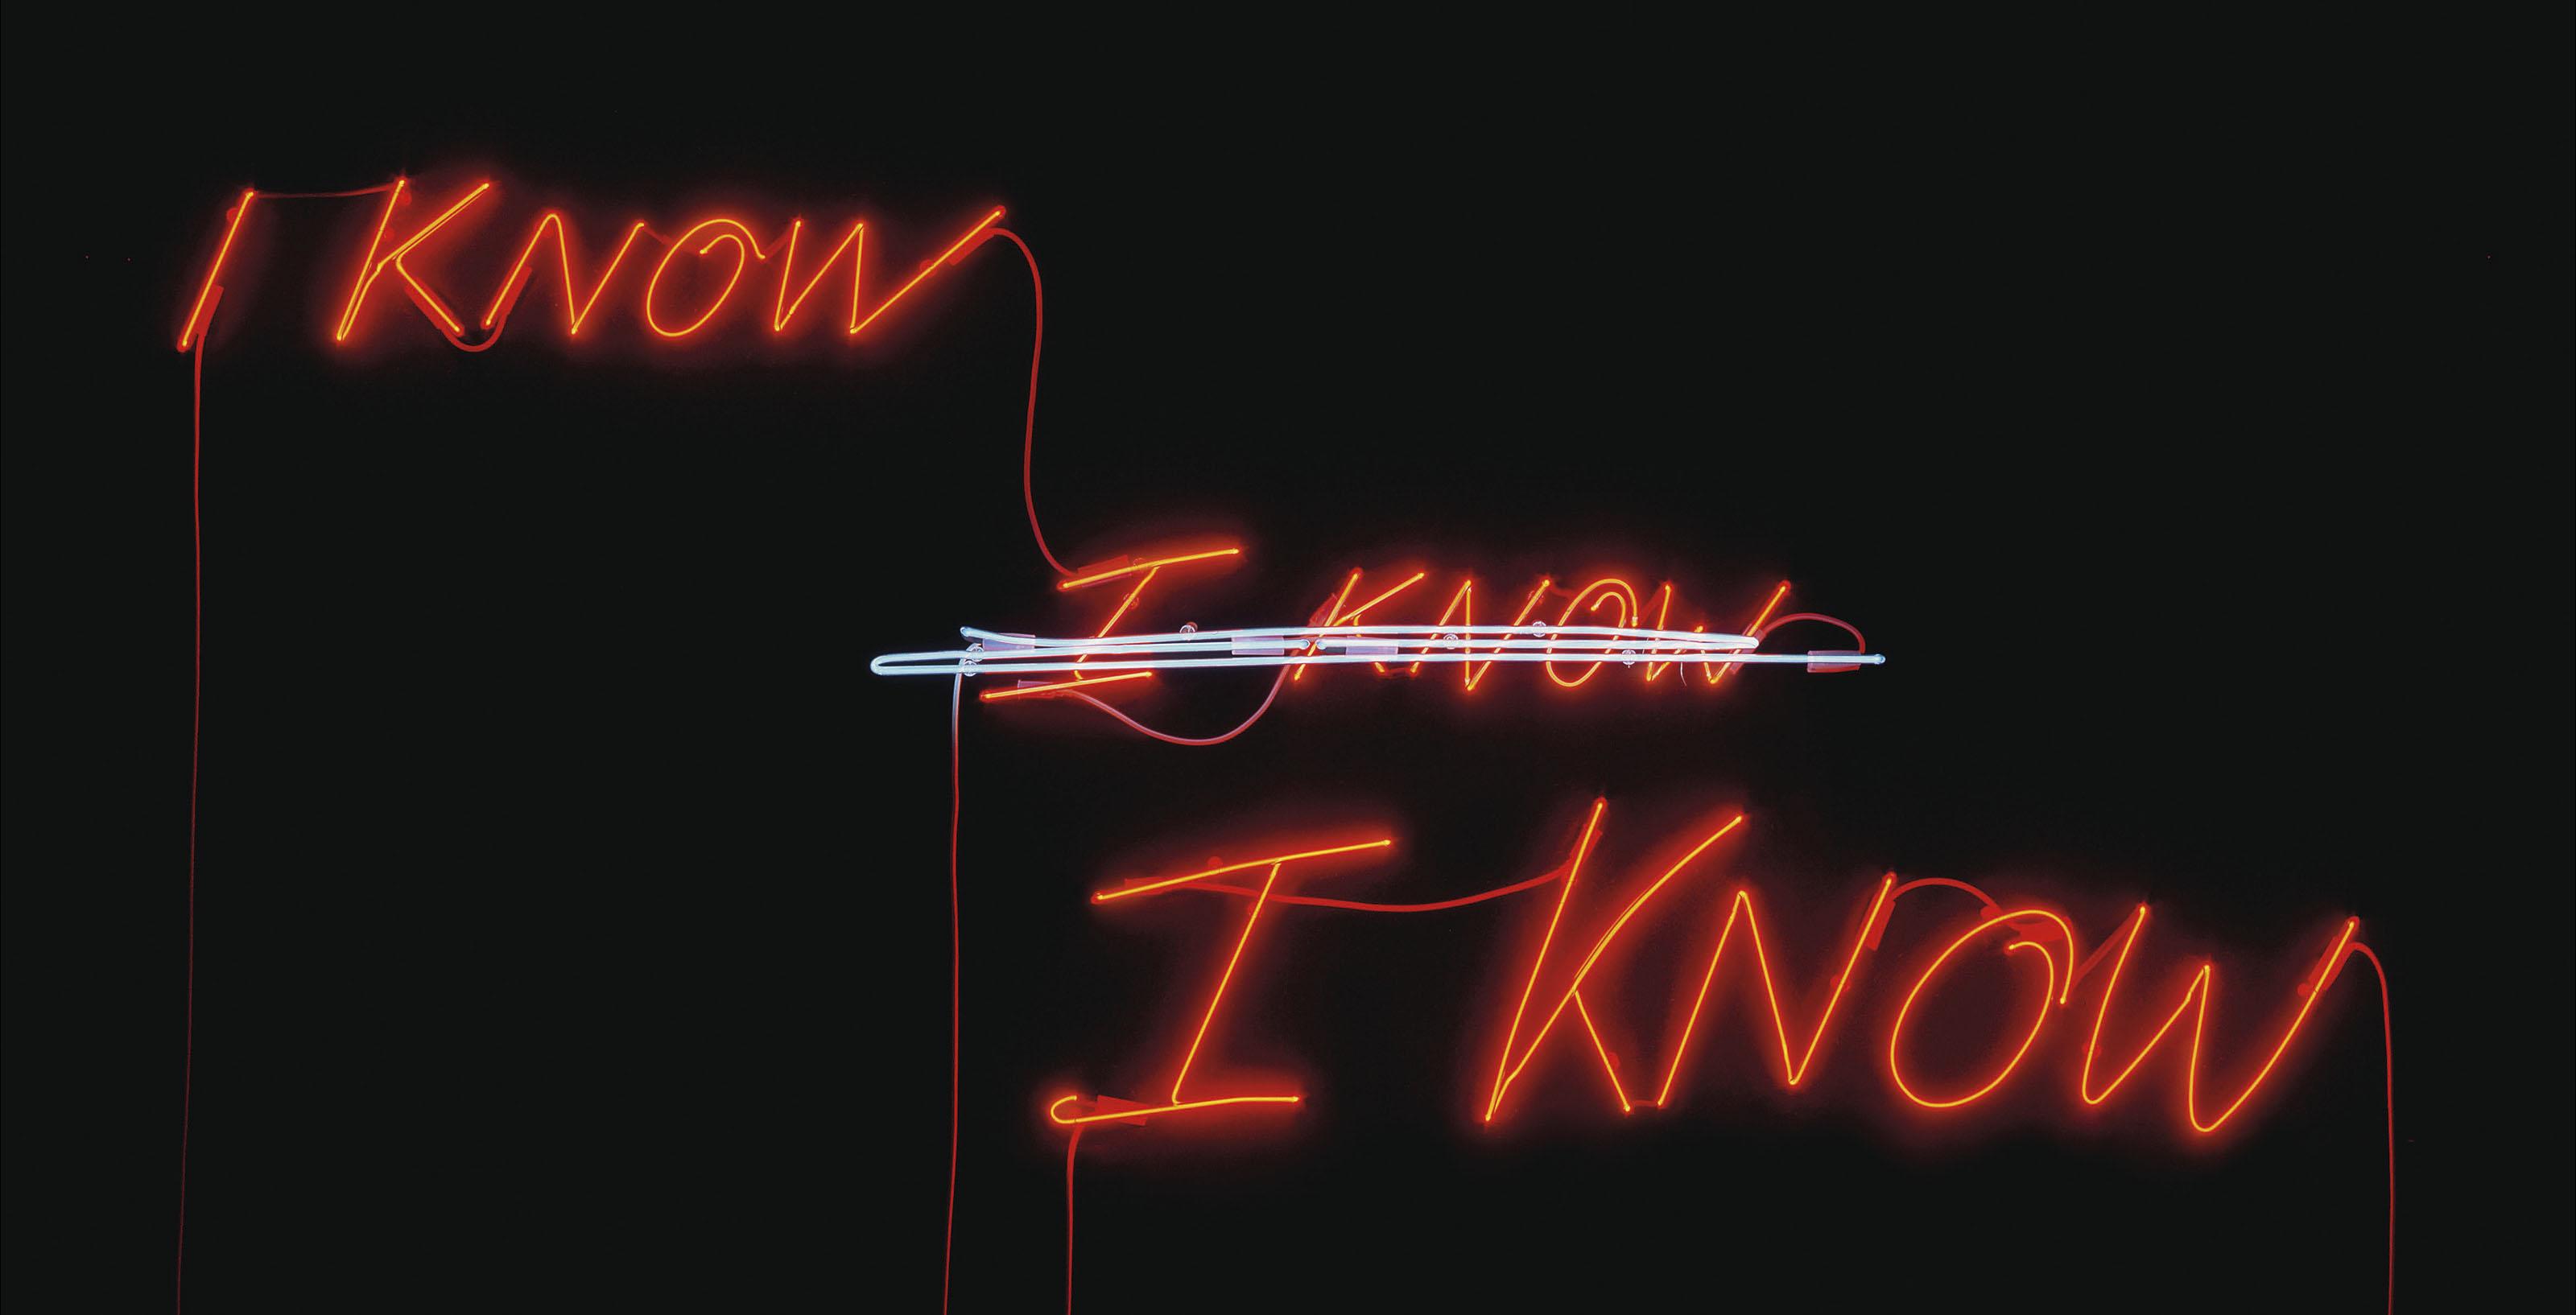 I KNOW I KNOW I KNOW